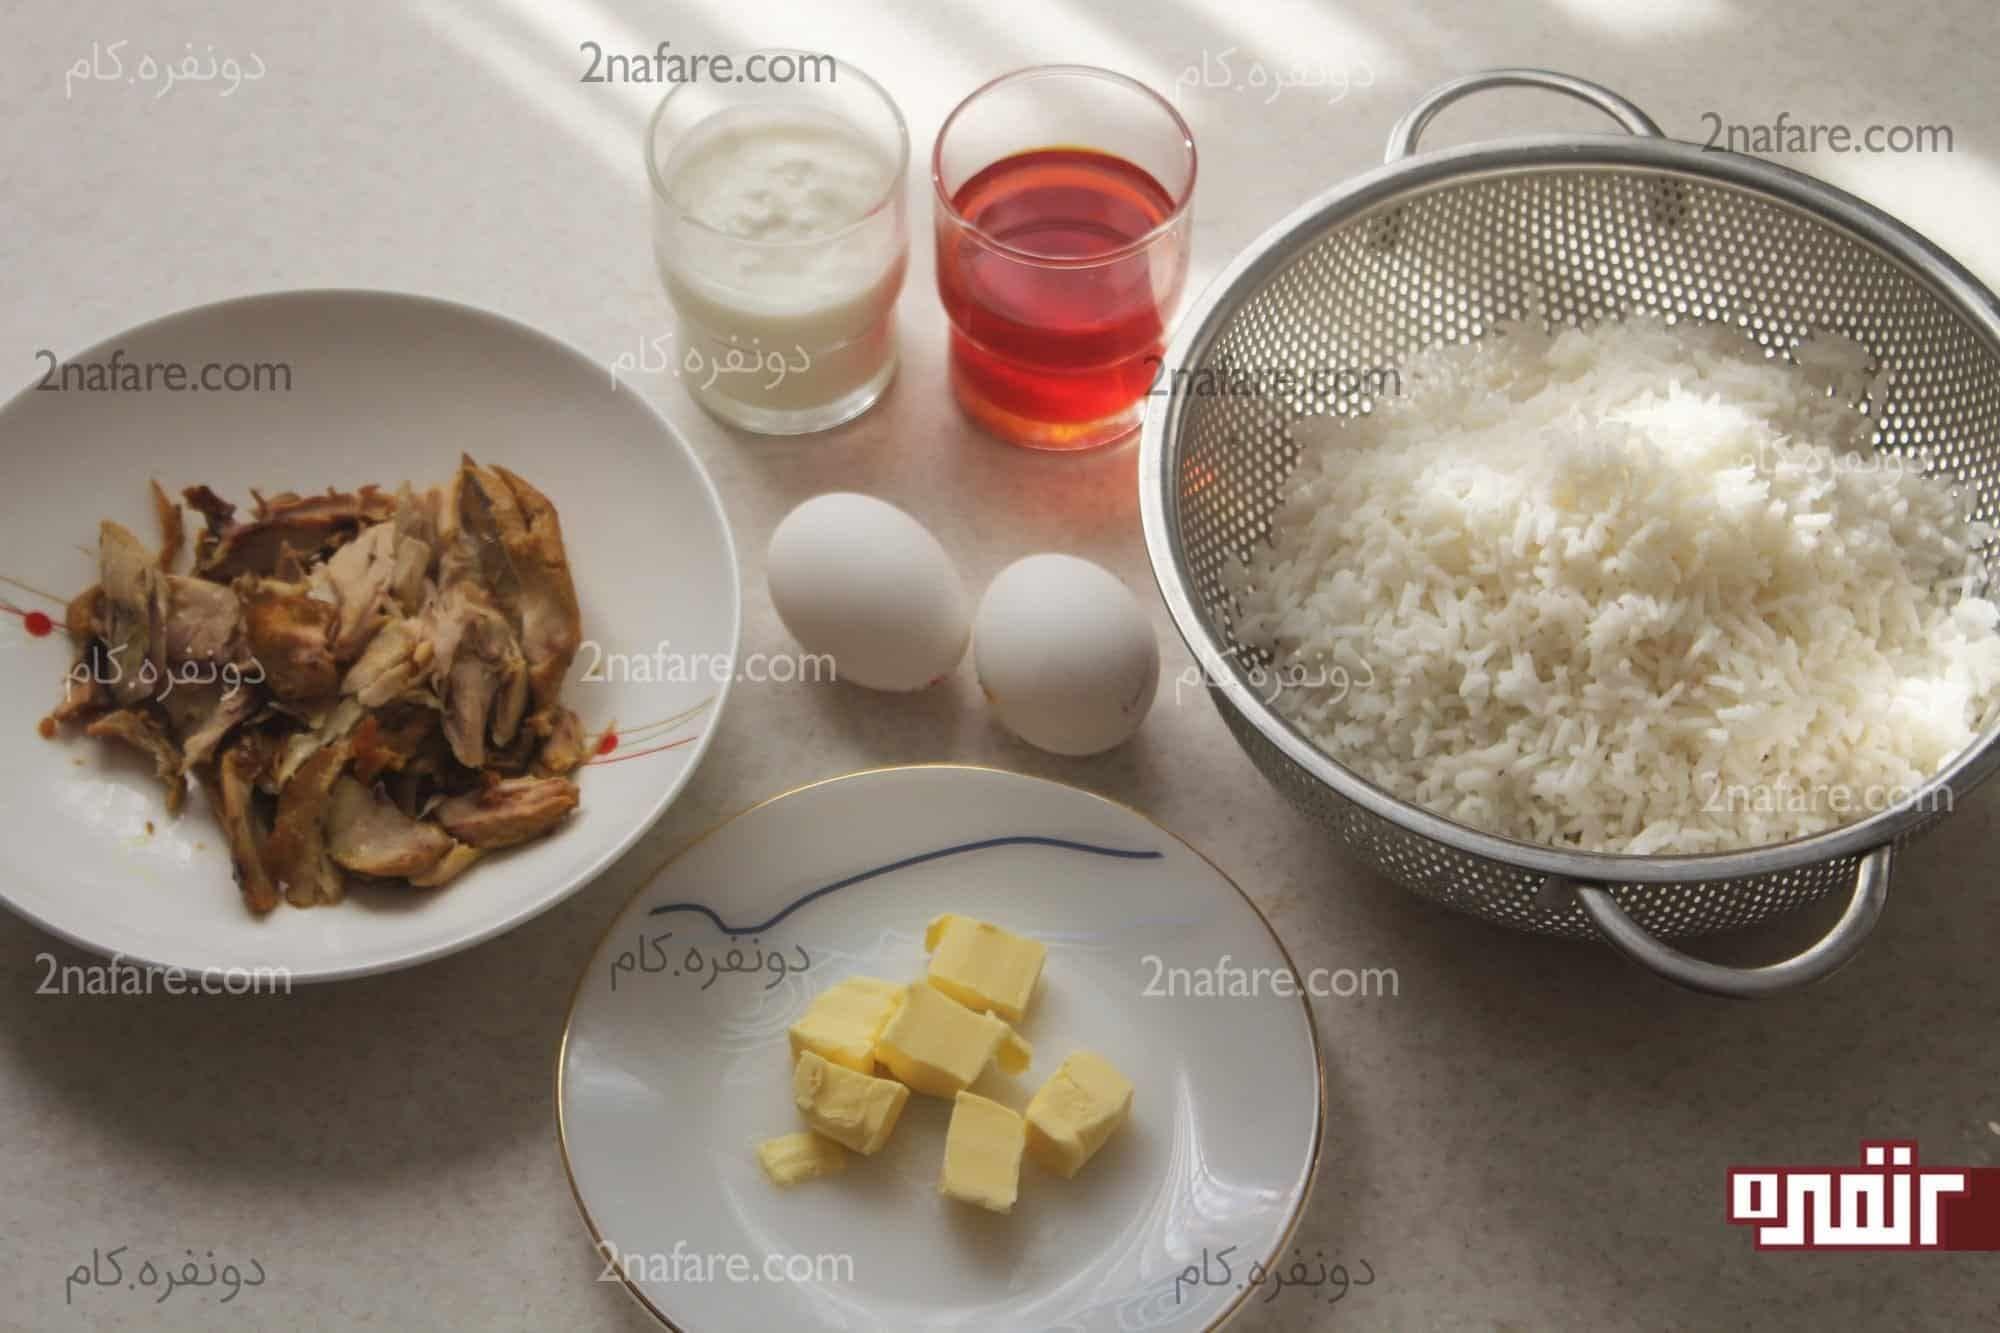 طرز تهیه کامل ته چین مرغ خوشمزه و پر طرفدار • دونفره